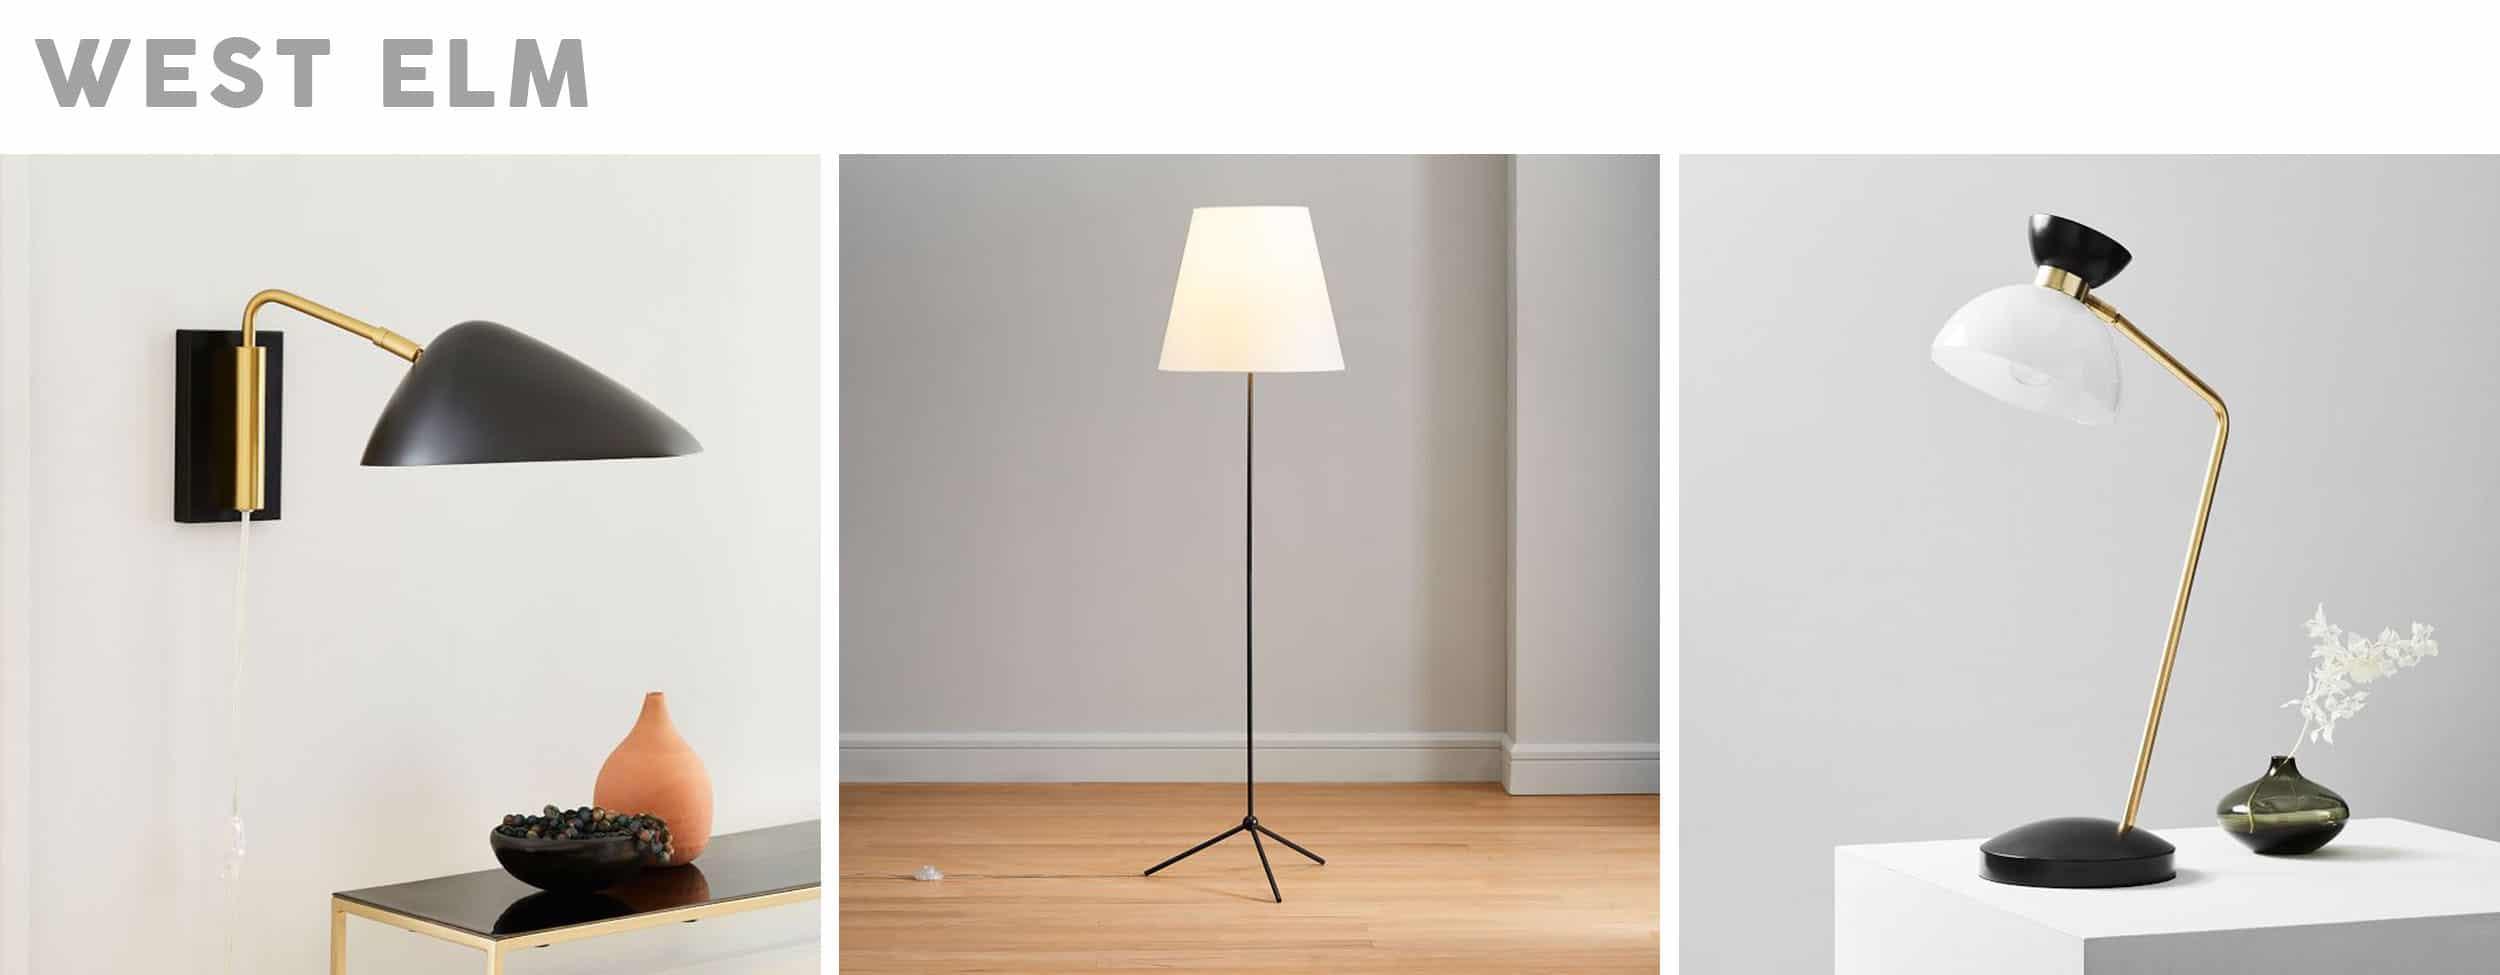 Emily Henderson affordable living room lighting_24